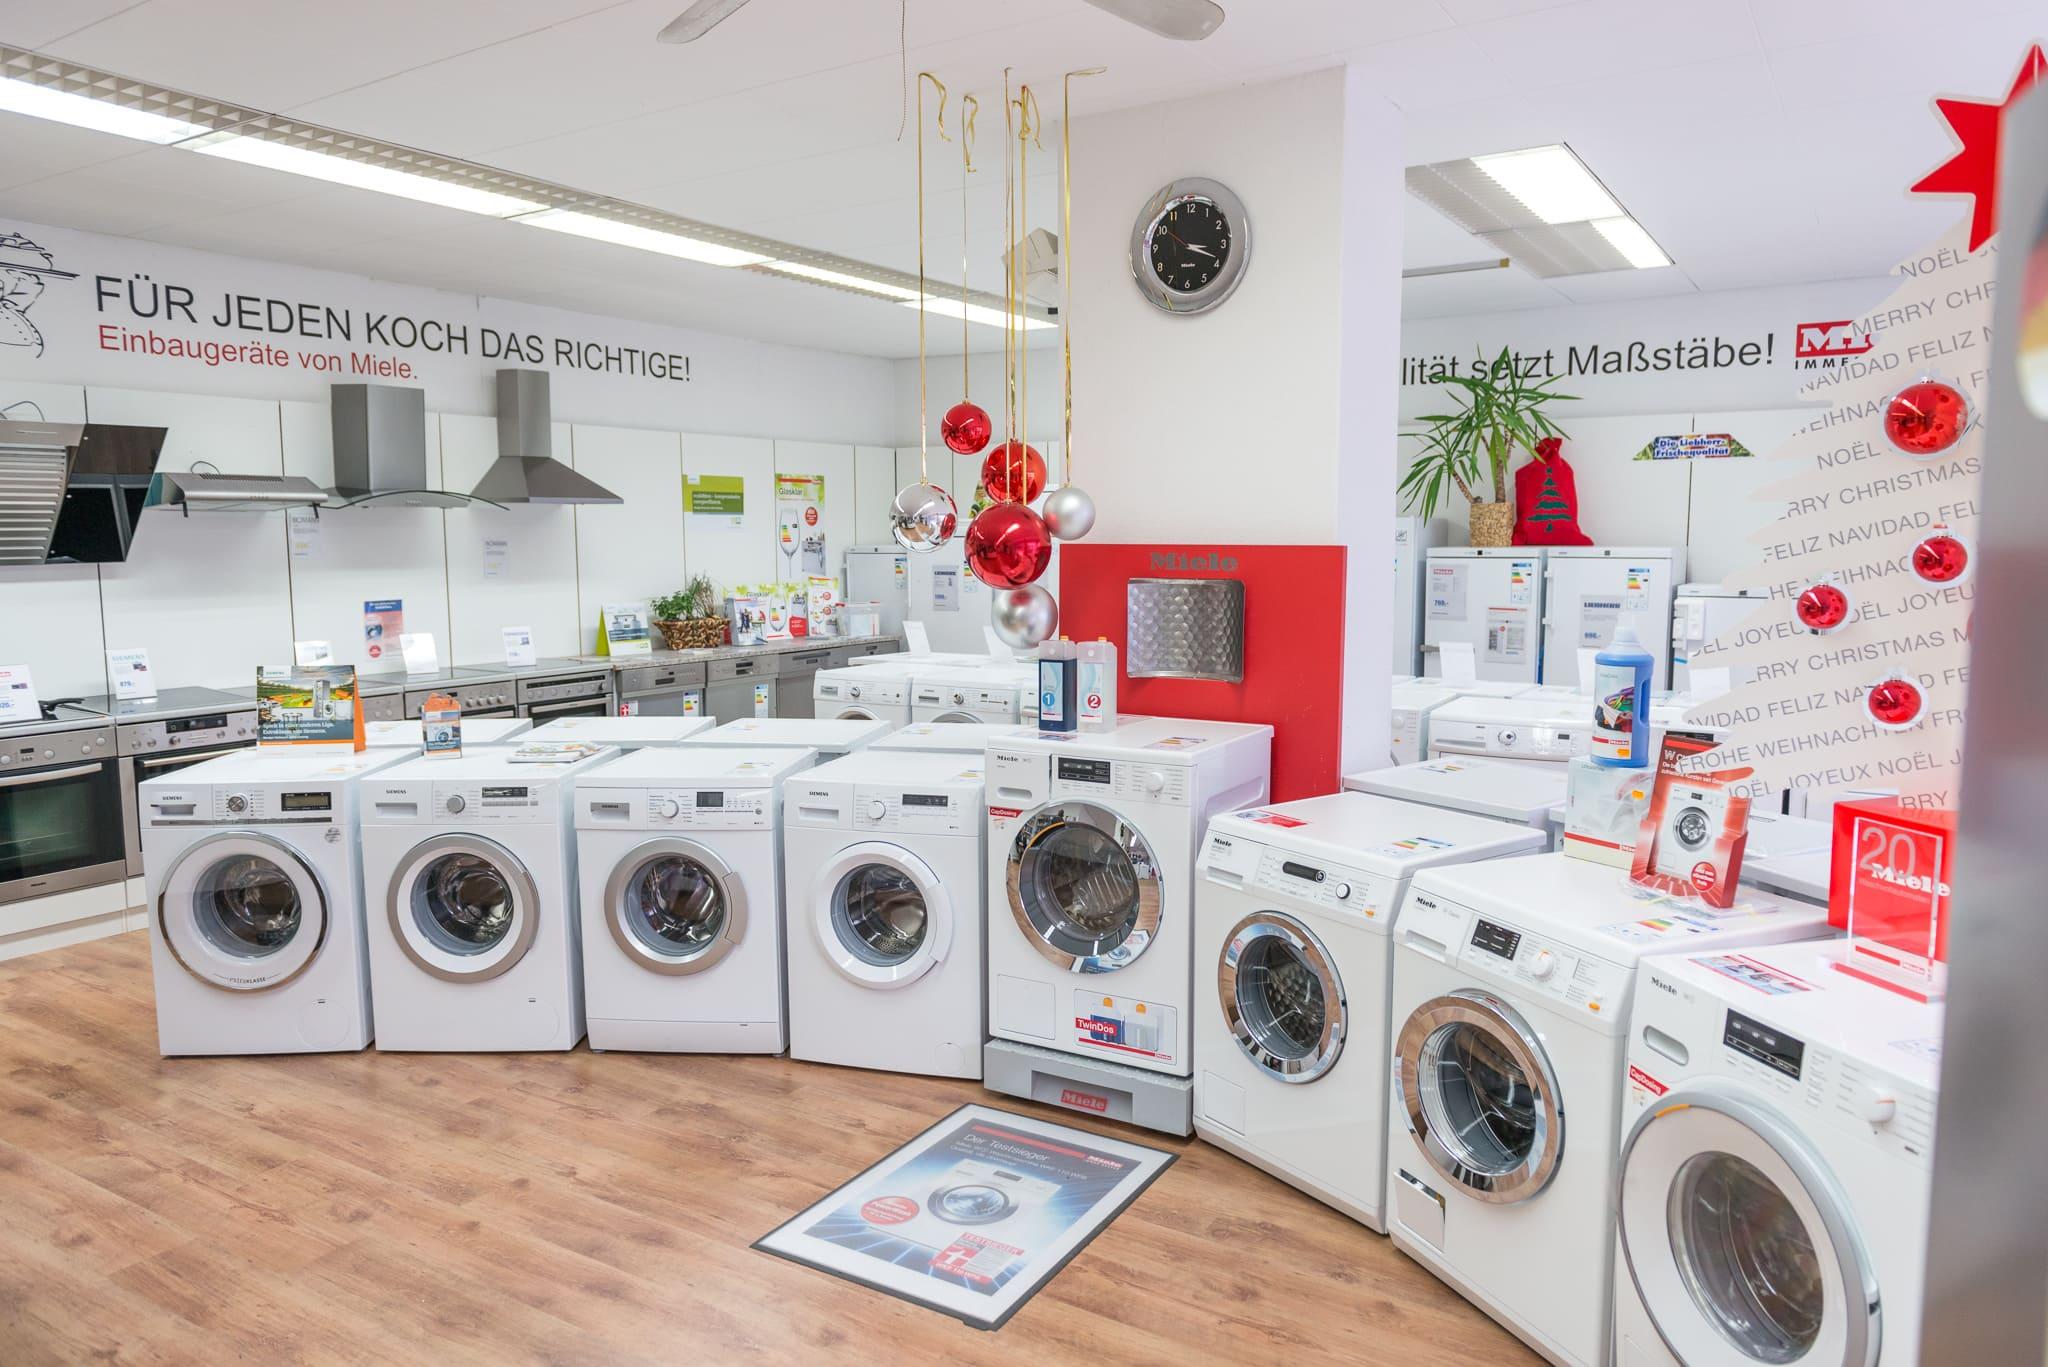 Miele waschmaschine w wps elektronik defekt zum ausschlachten